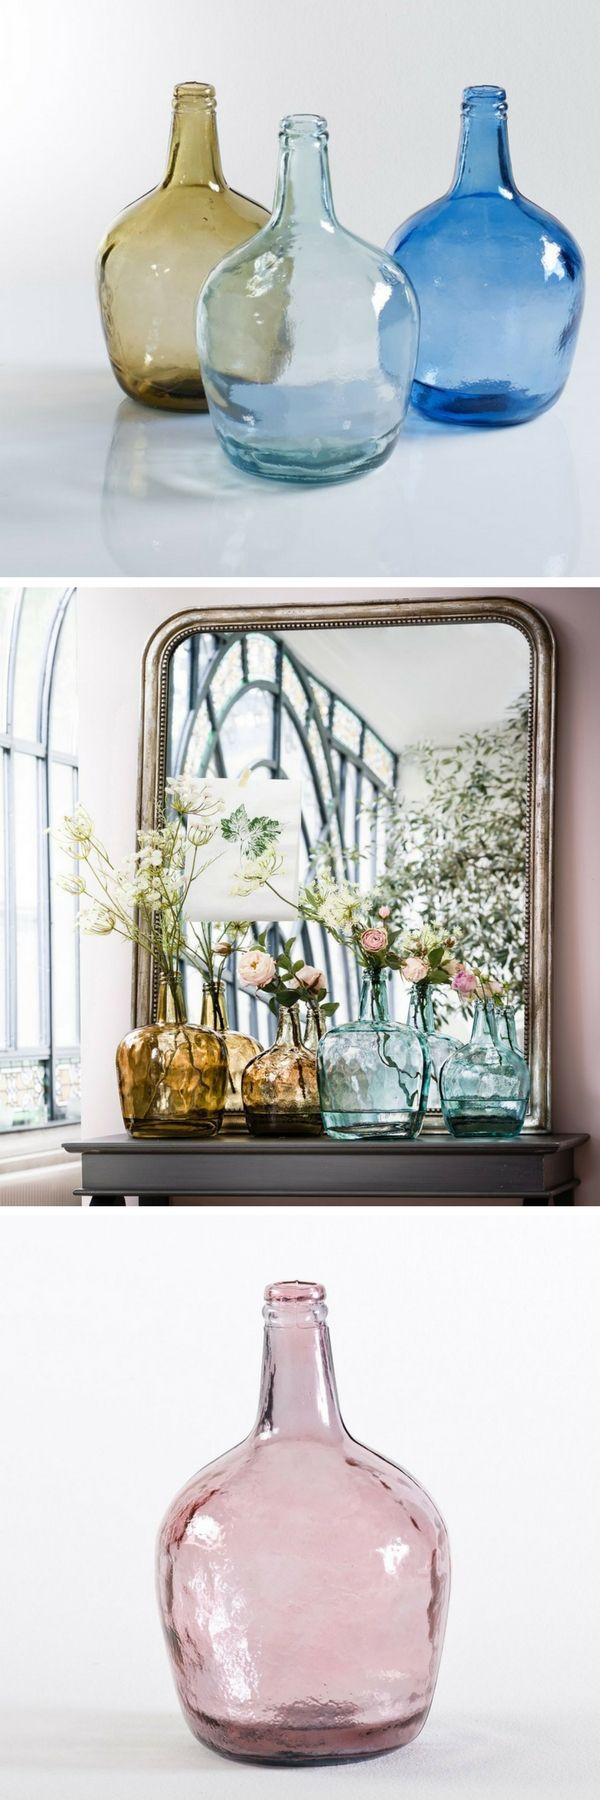 les 25 meilleures id es de la cat gorie dame jeanne en verre sur pinterest pr sentoir. Black Bedroom Furniture Sets. Home Design Ideas